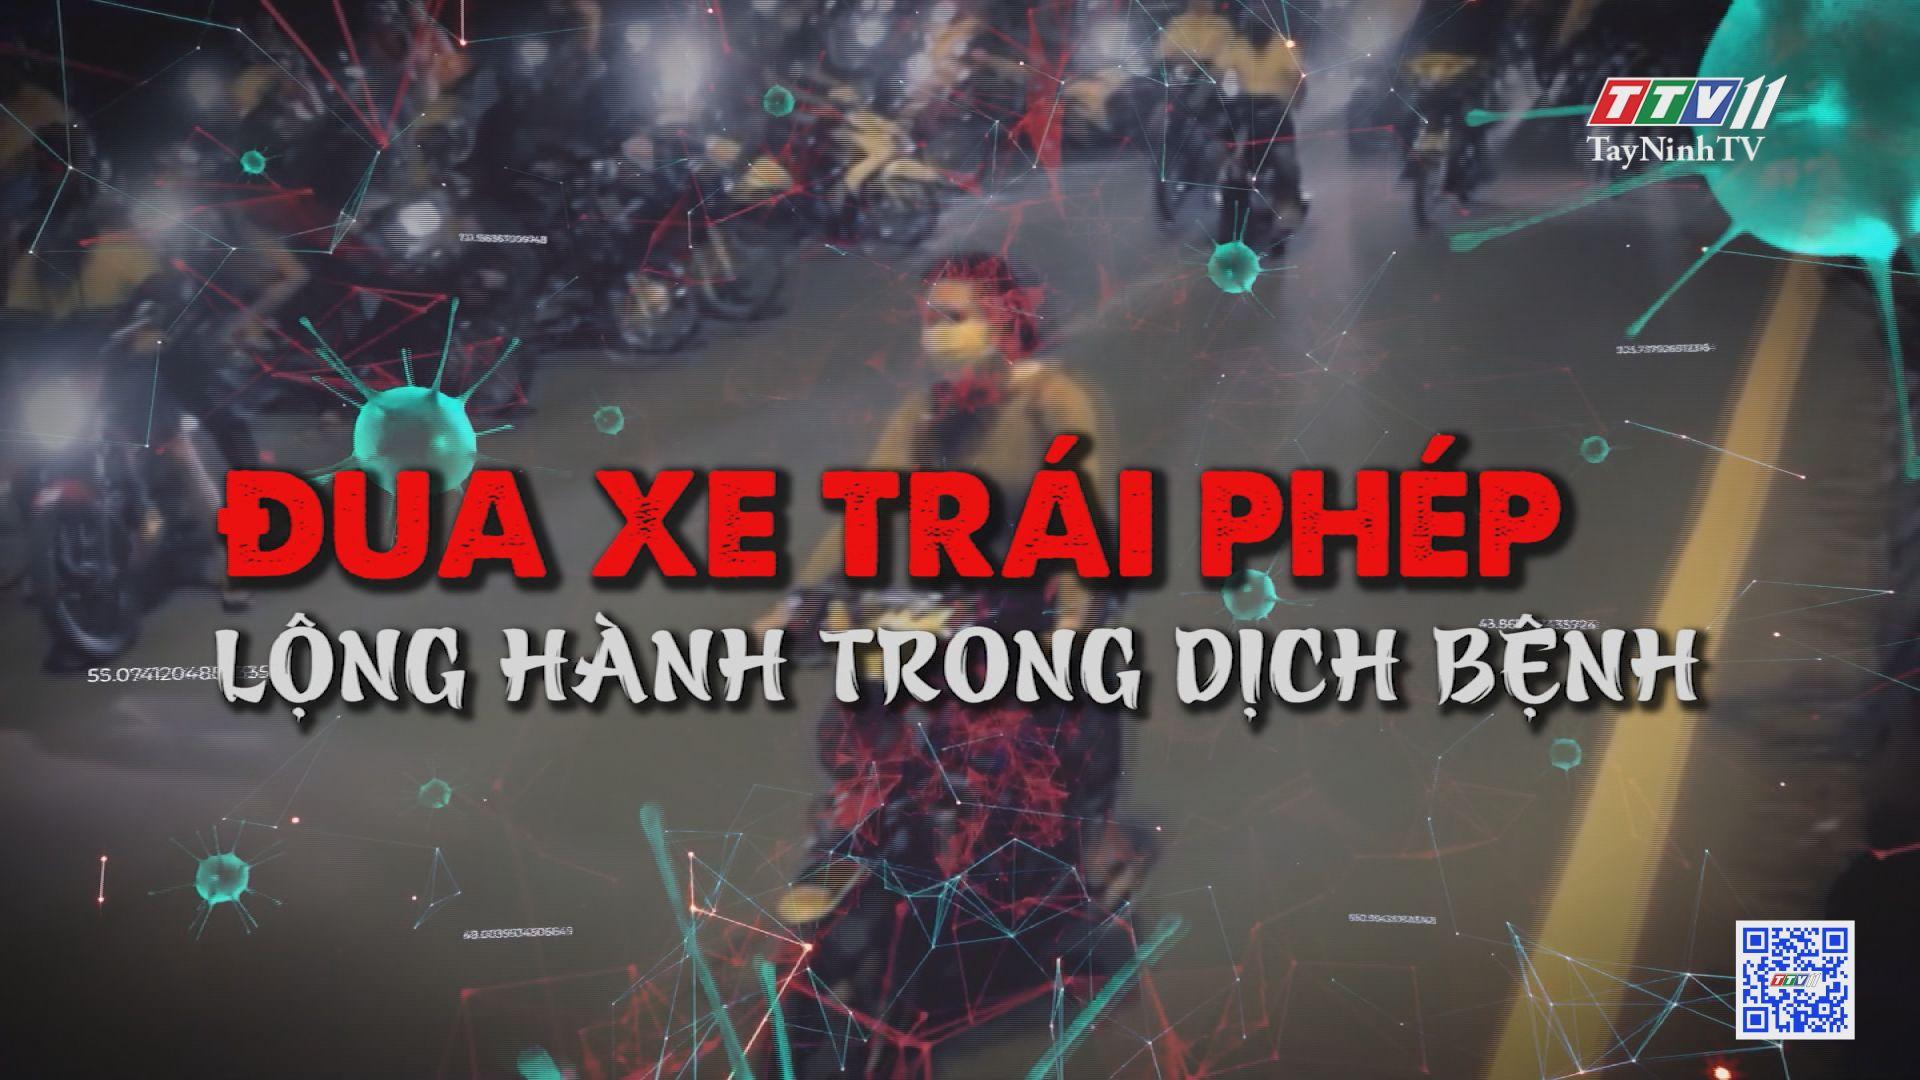 Đua xe trái phép lộng hành trong dịch bệnh | VĂN HÓA GIAO THÔNG | TayNinhTV